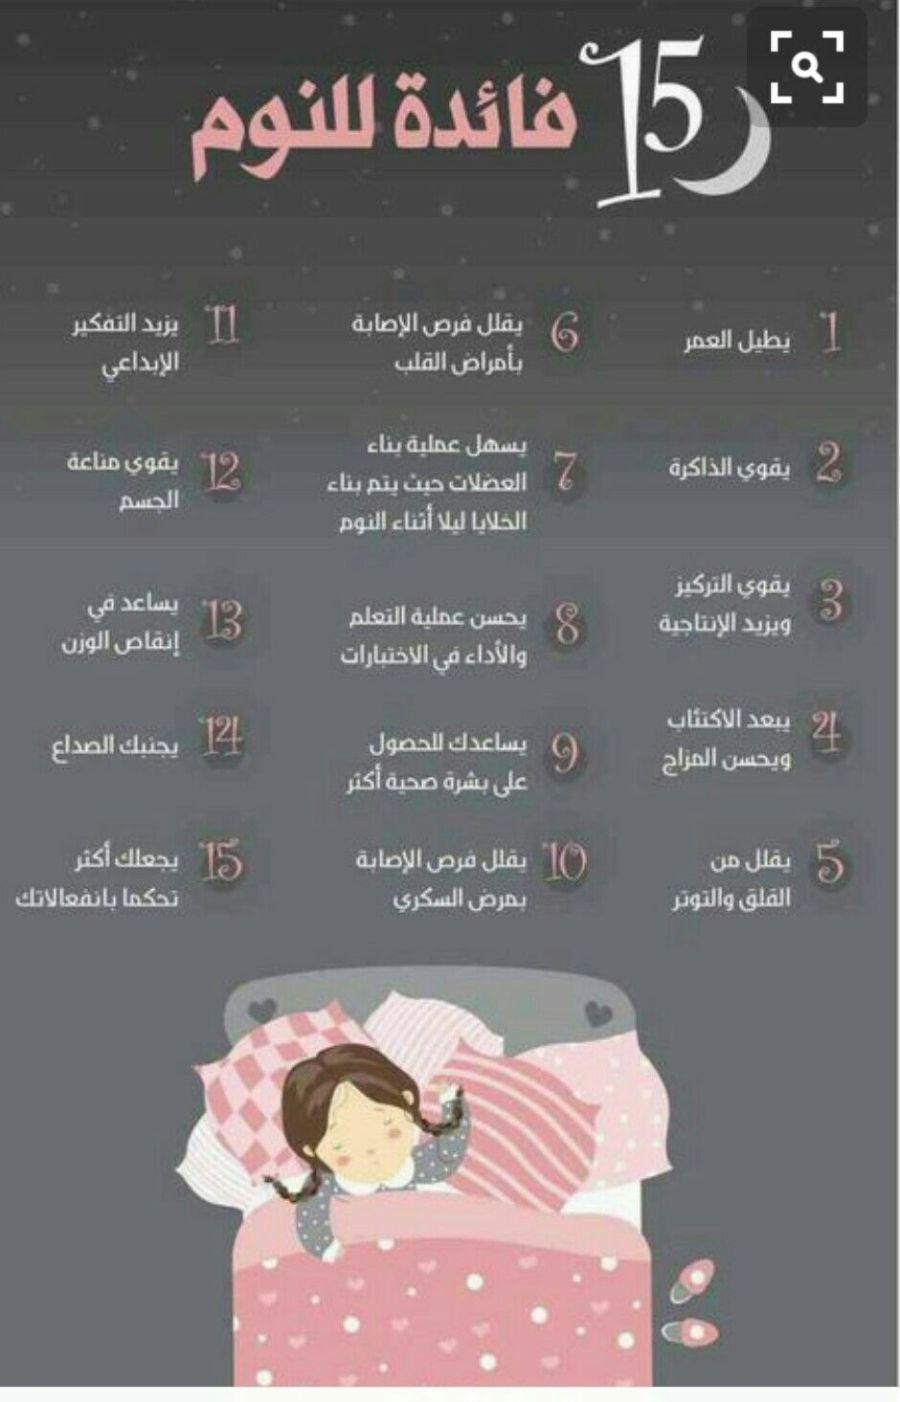 اذاعة مدرسية عن النوم فوائد النوم مبكرا اذاعه مدرسيه عن